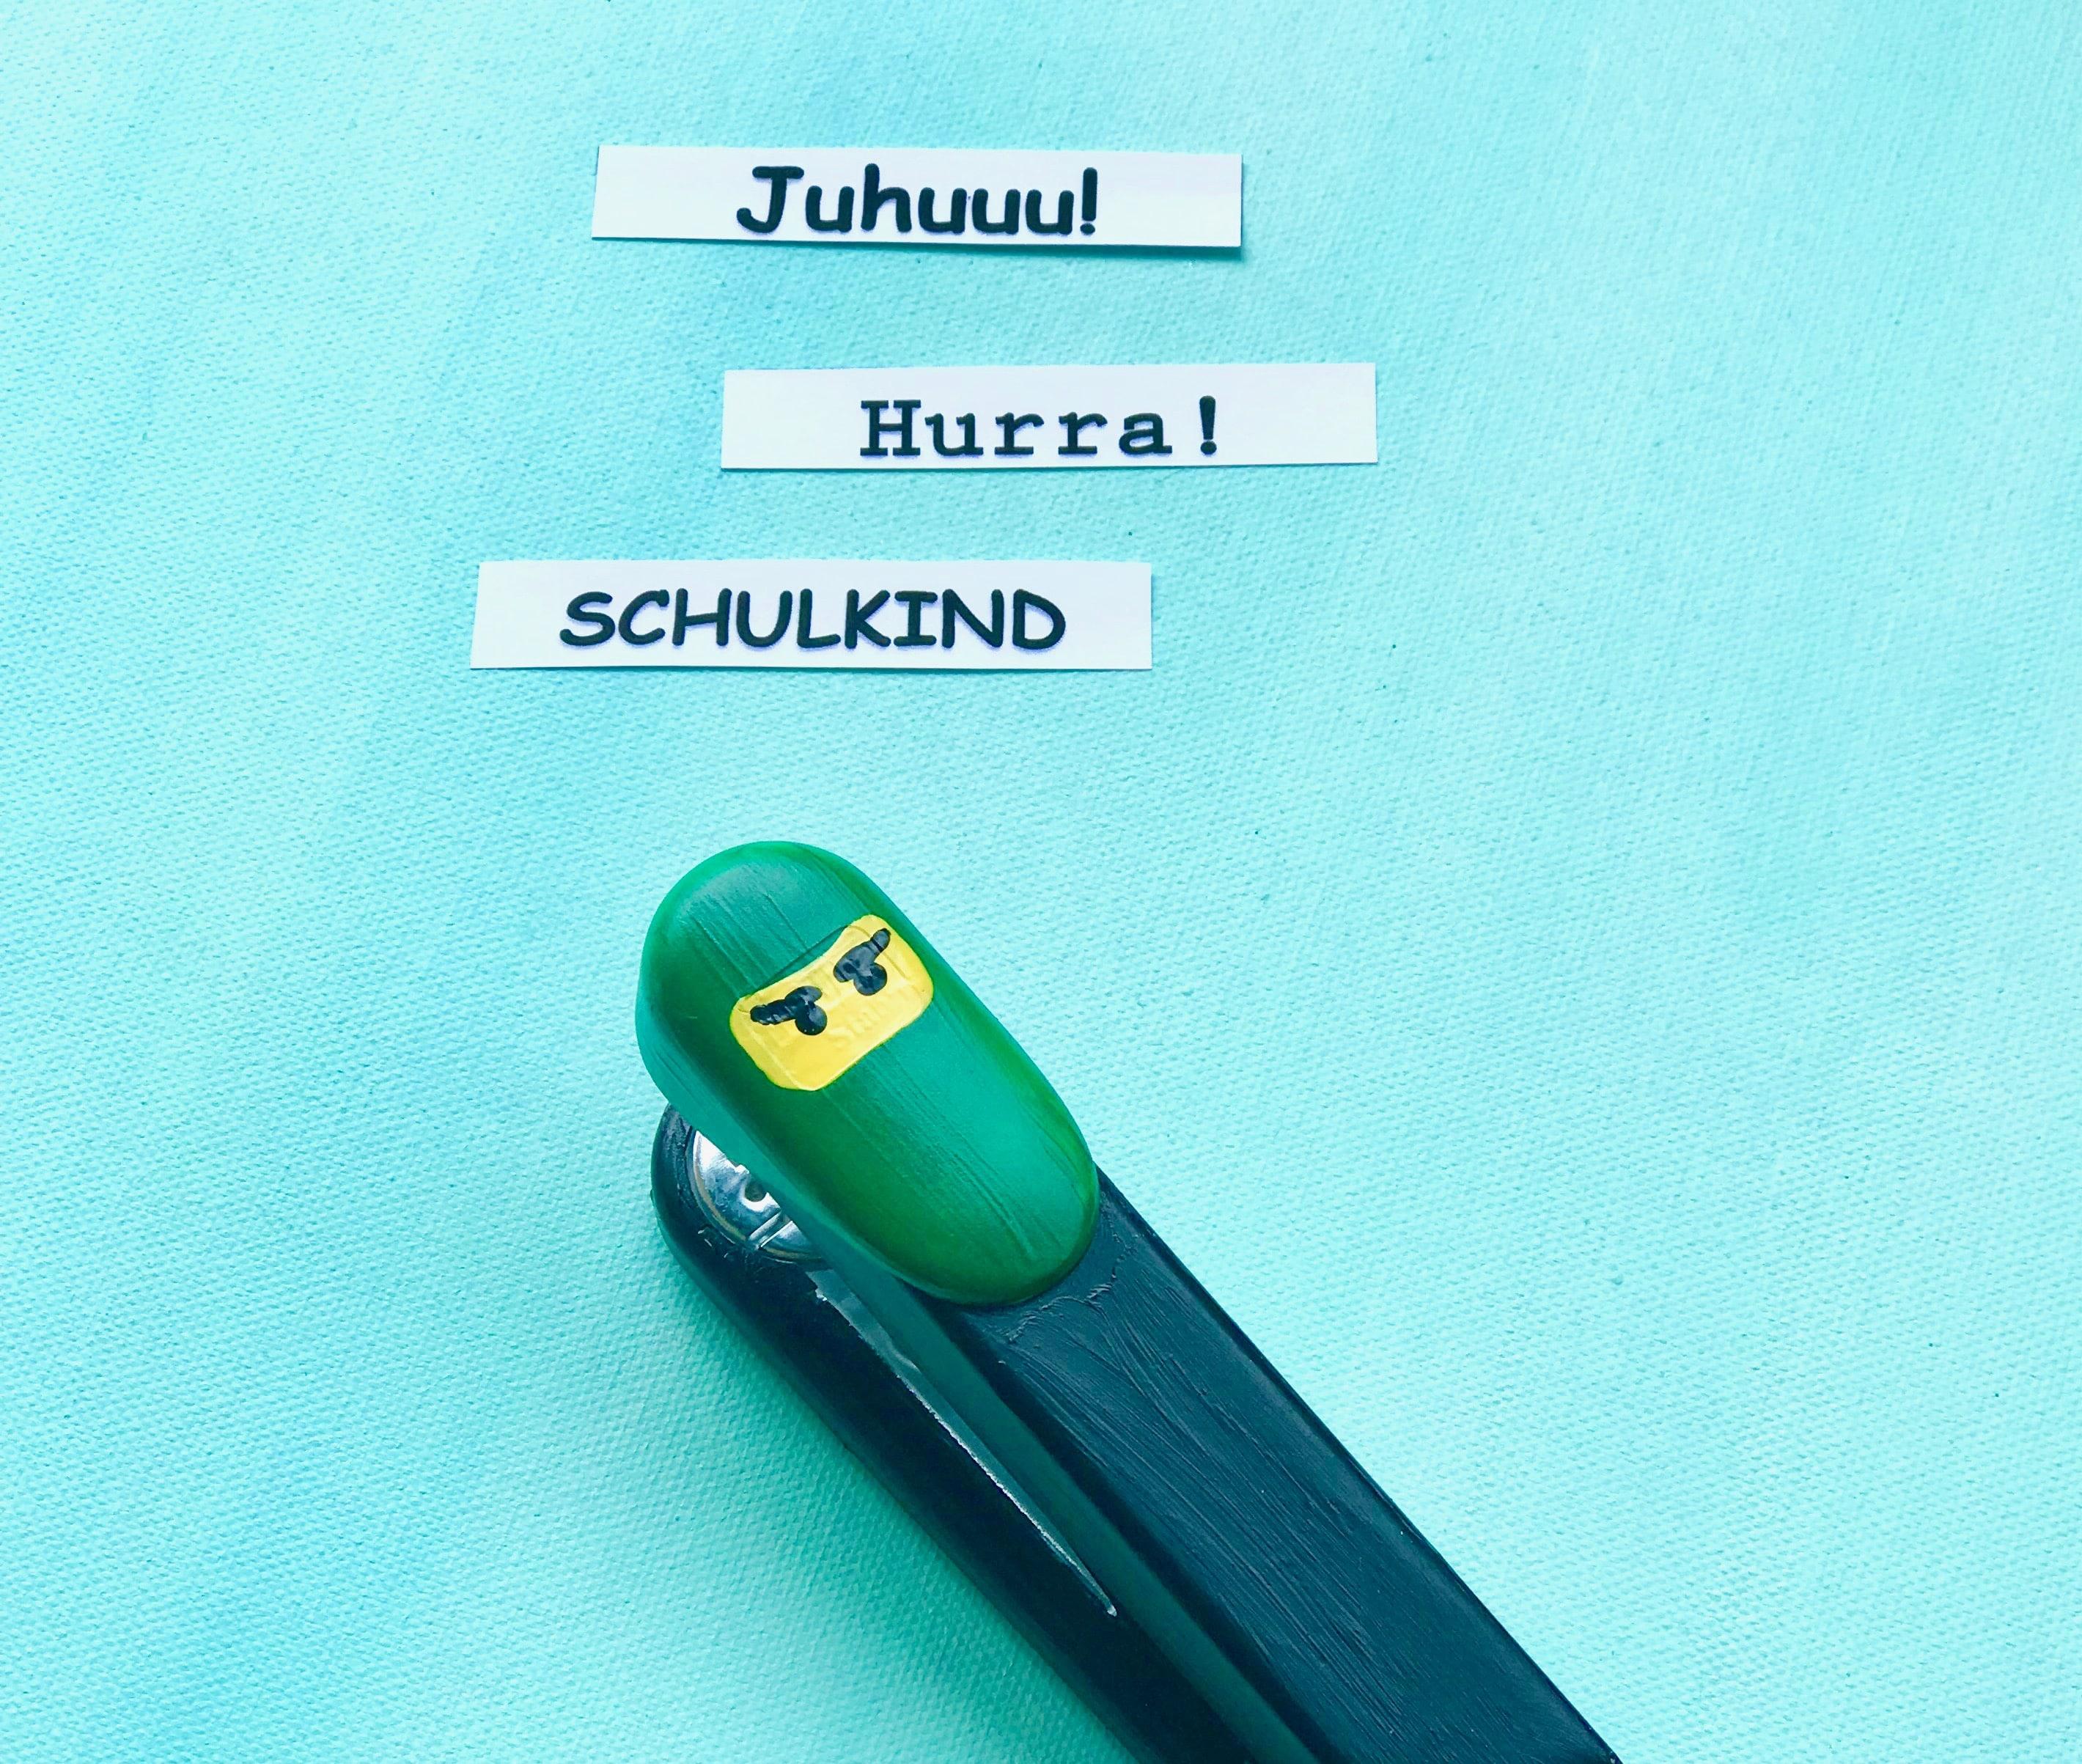 ninjago-tacker-selbermachen-upcycling-recycling-kinder-diy